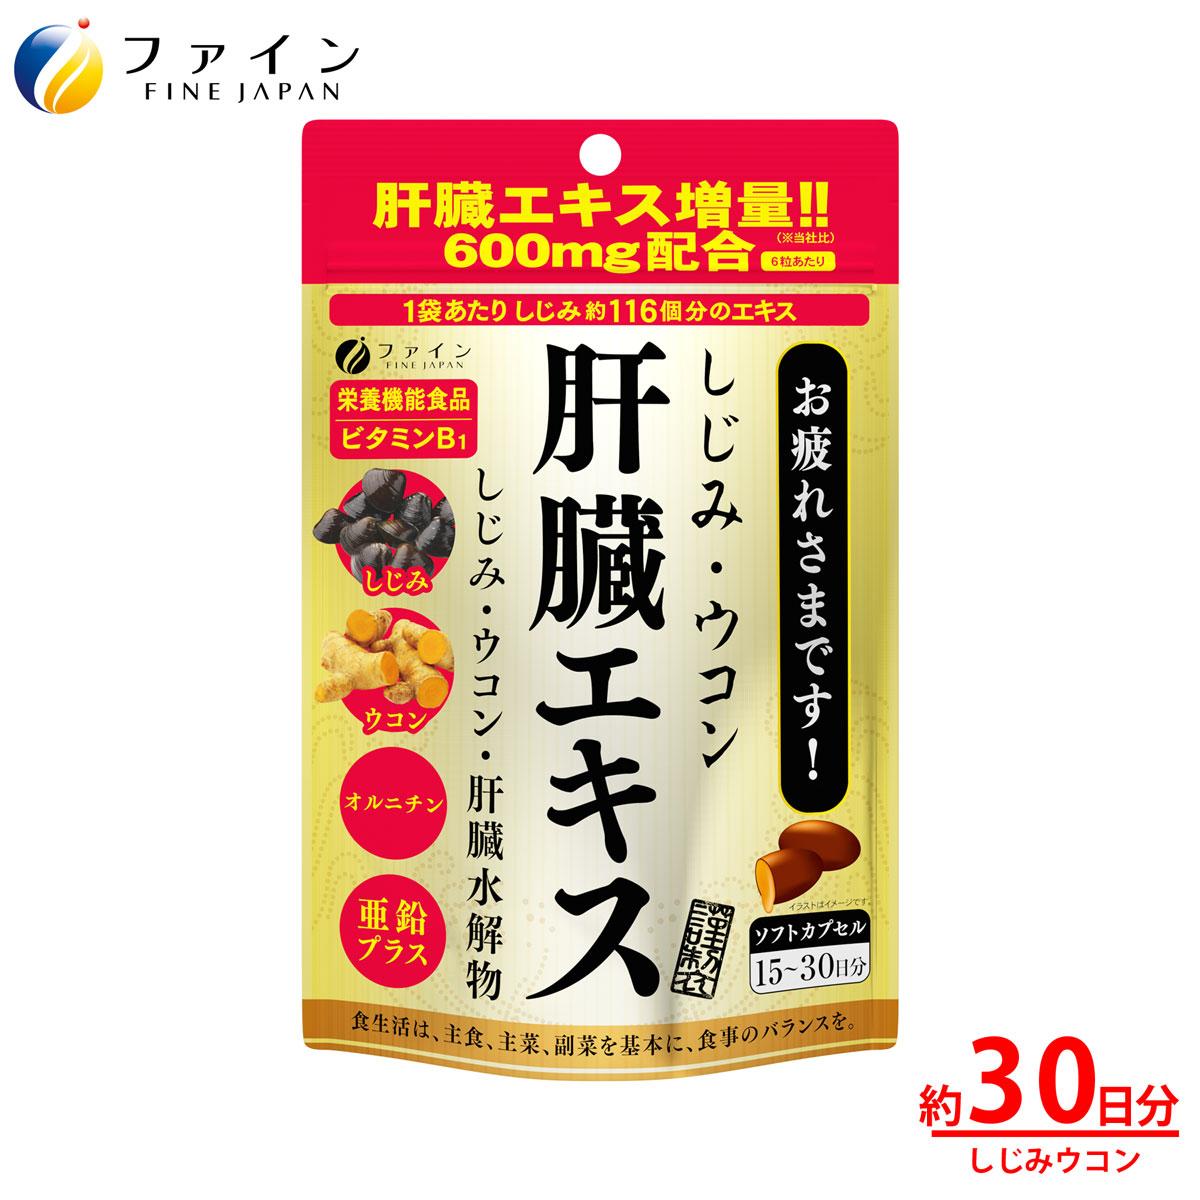 安心のメーカー直販 お疲れ様です 豚レバーの肝臓加水物をはじめ 国産しじみエキス クルクミンを配合 飲む人に強い味方 しじみ ウコン 肝臓 エキス 1日3~6粒 ファイン 送料無料 肝臓水解物 しじみエキス末 配合 オルニチン 日本メーカー新品 90粒入 クルクミン 1000円ポッキリ 引出物 600mg